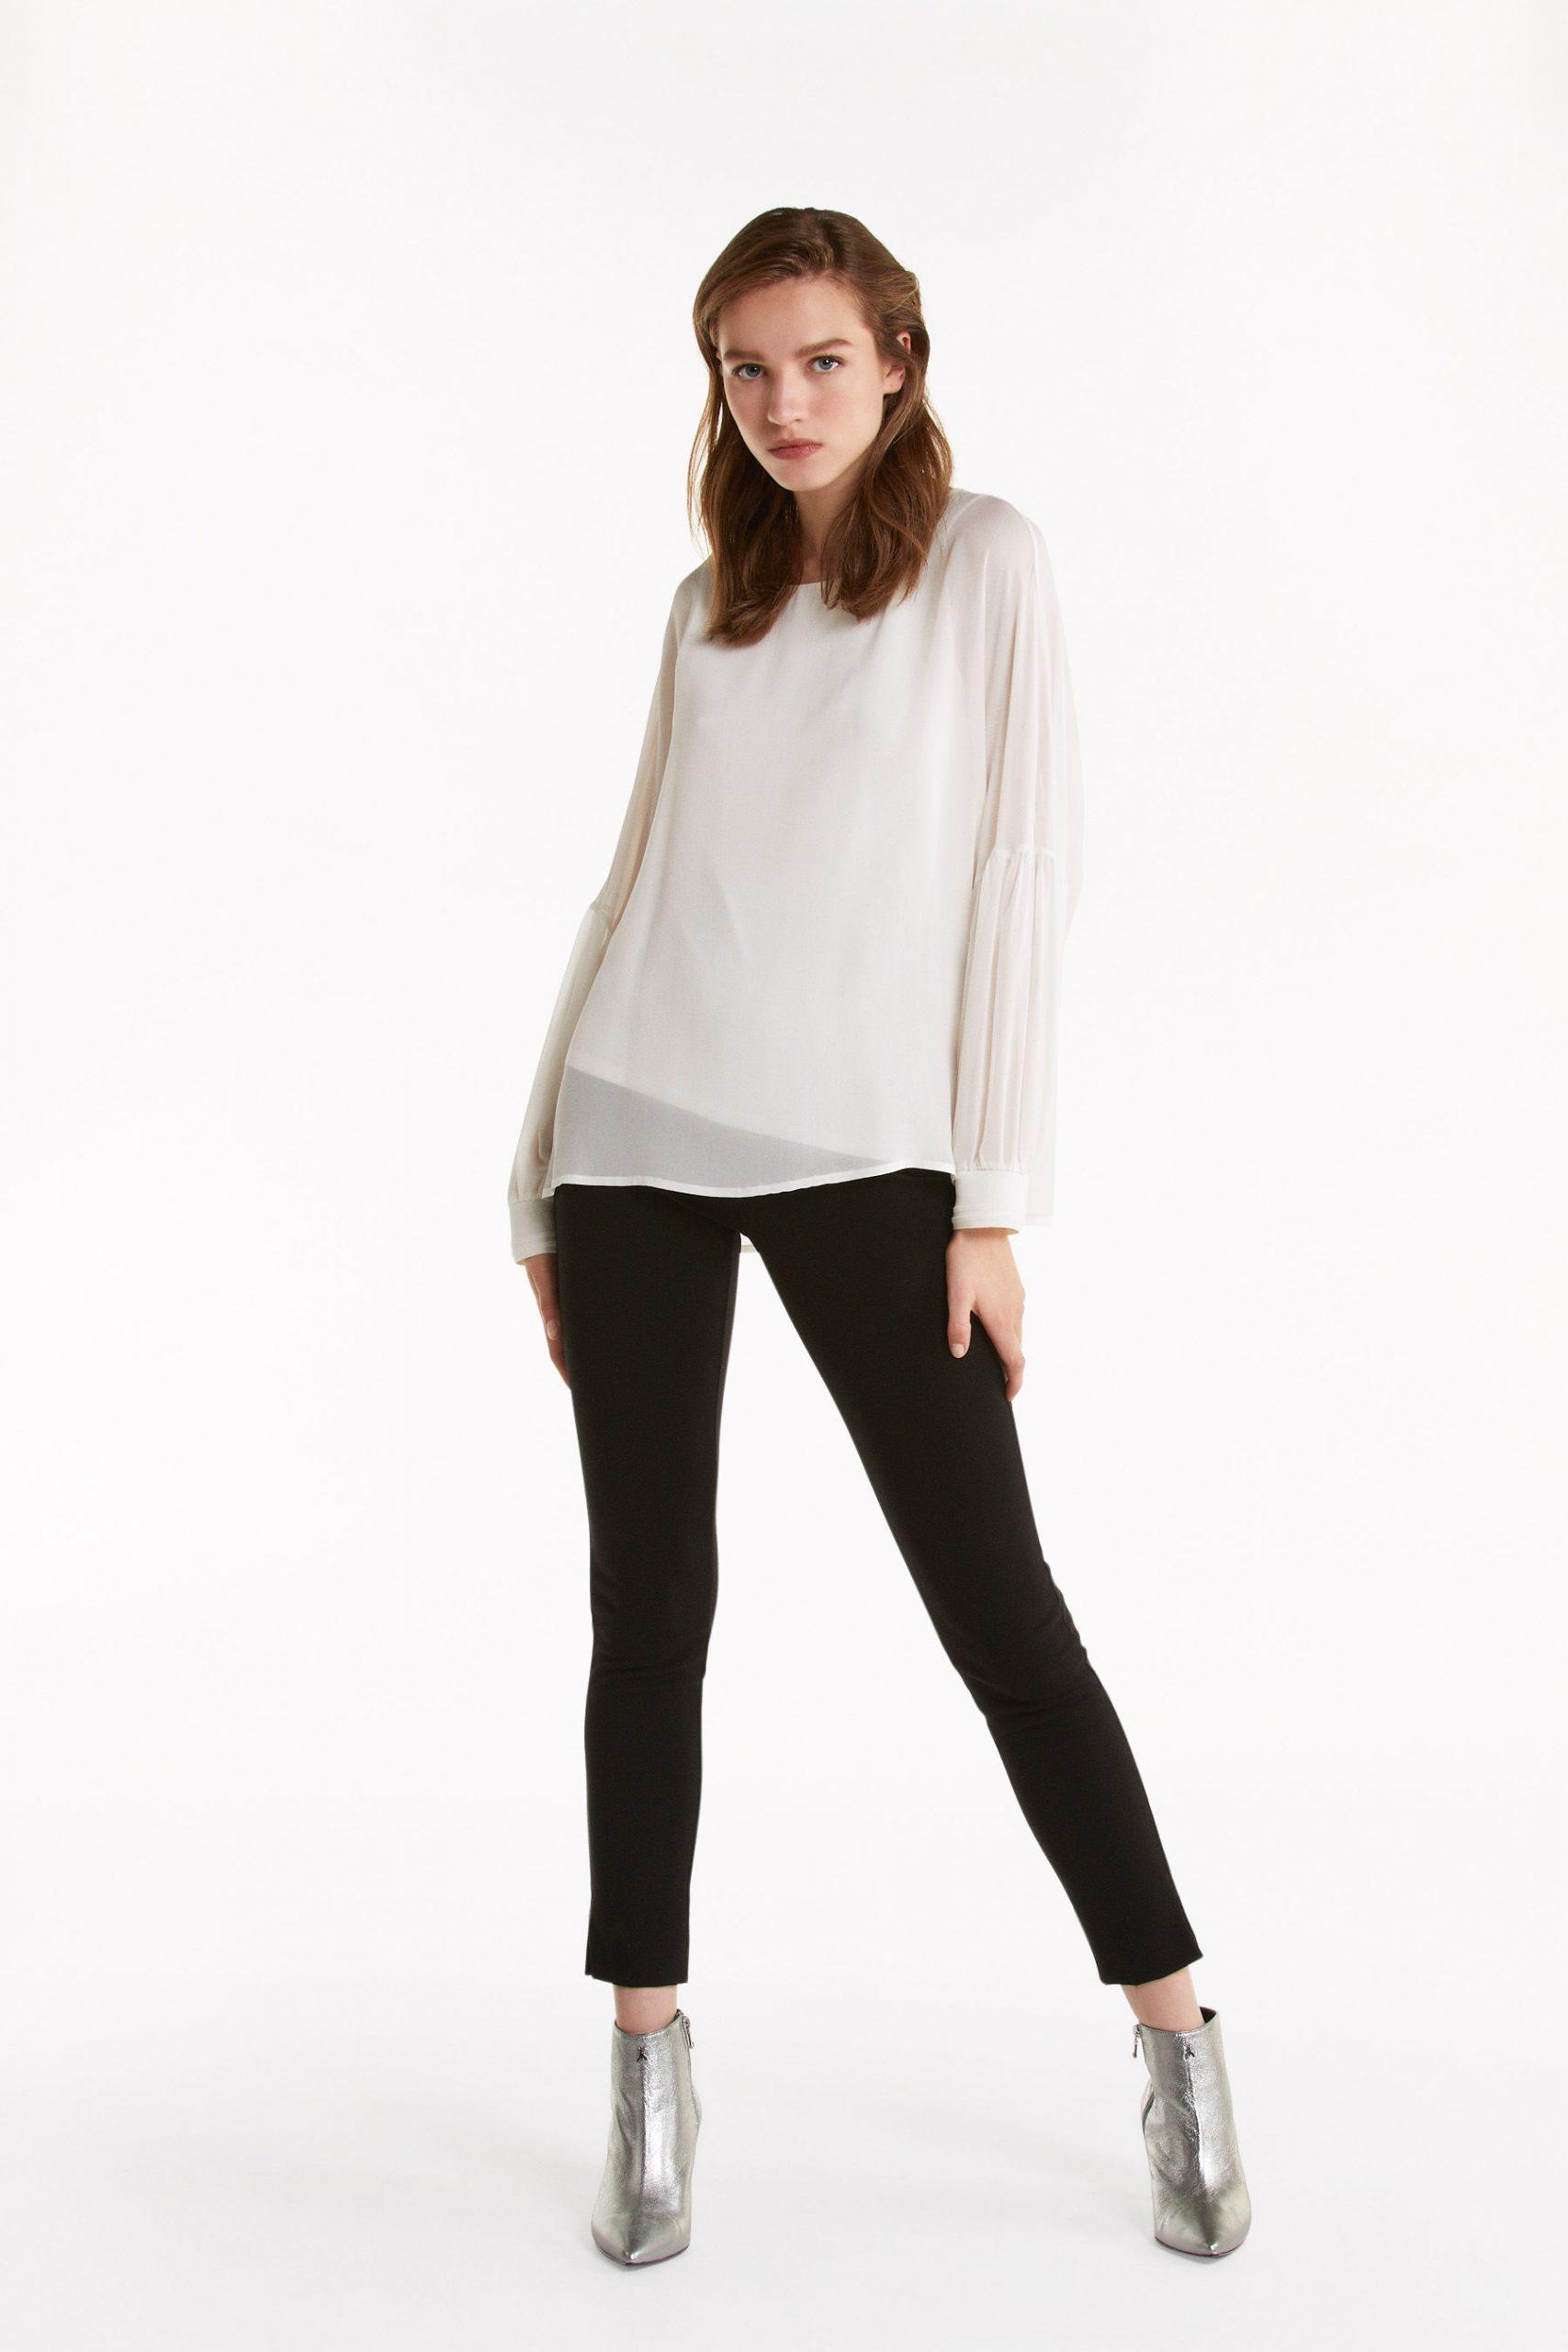 Abbigliamento Patrizia Pepe  Blusa in georgette  effetto doppio capo White female collezione 2020 shop the look